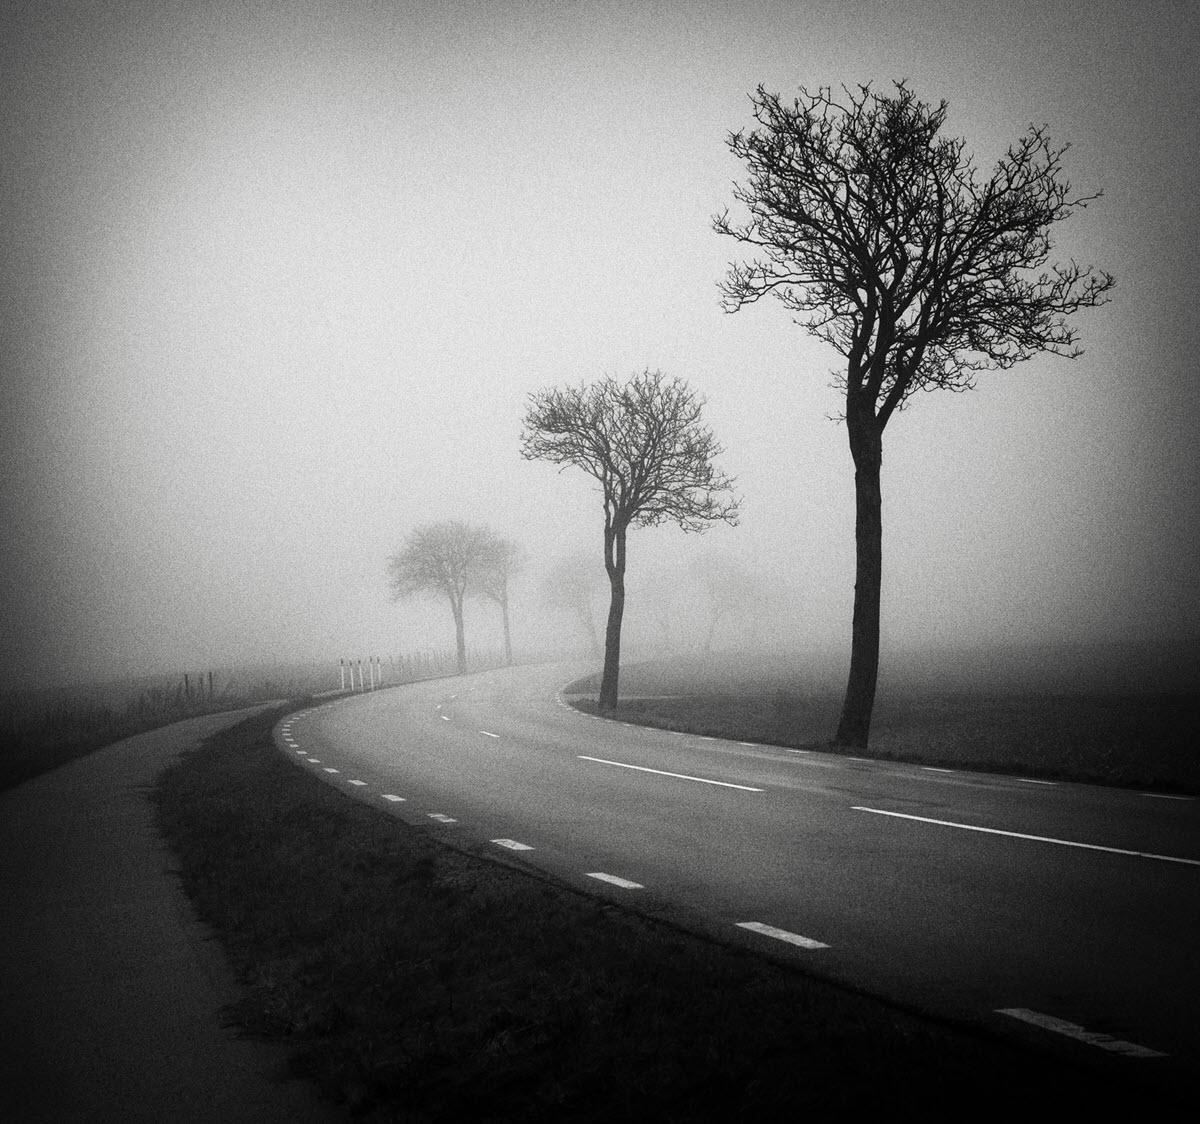 Những hình ảnh trắng đen đẹp và độc